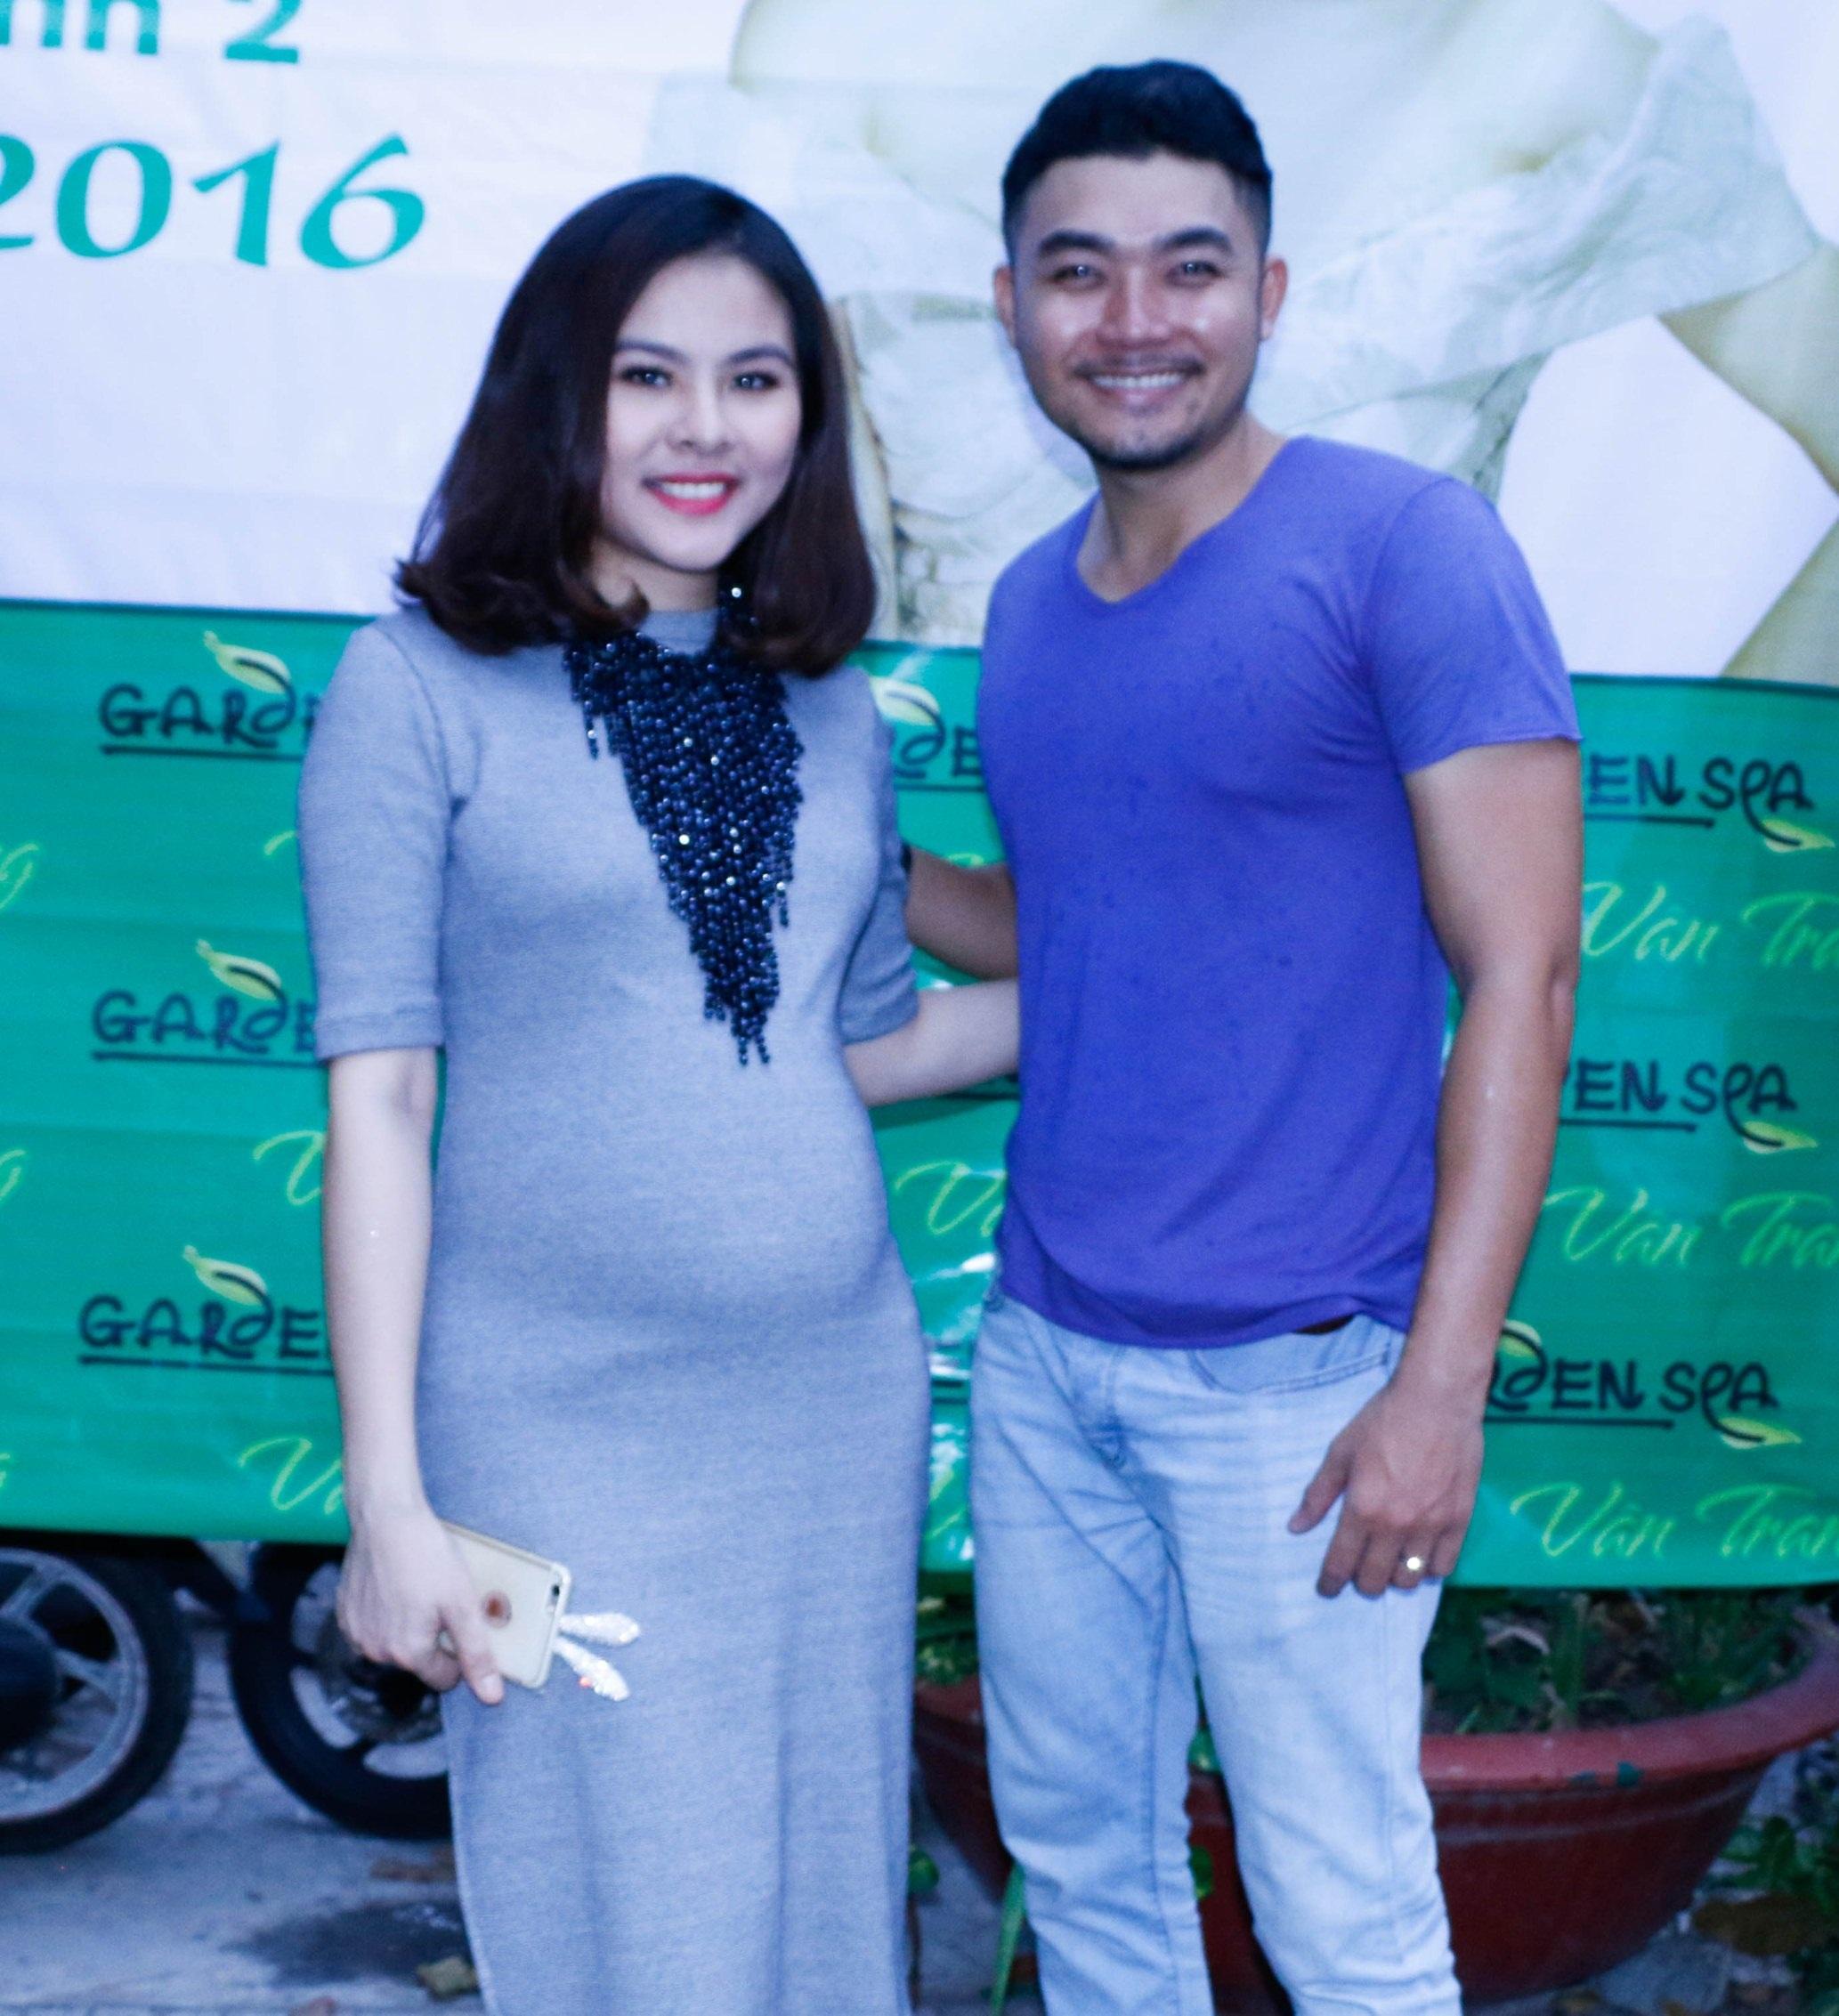 Bạn thân Thái Quốc Nguyên của Vân Trang cũng là một diễn viên hài thường diễn tại sân khấu Nụ cười mới và các tụ điểm trong thành phố.